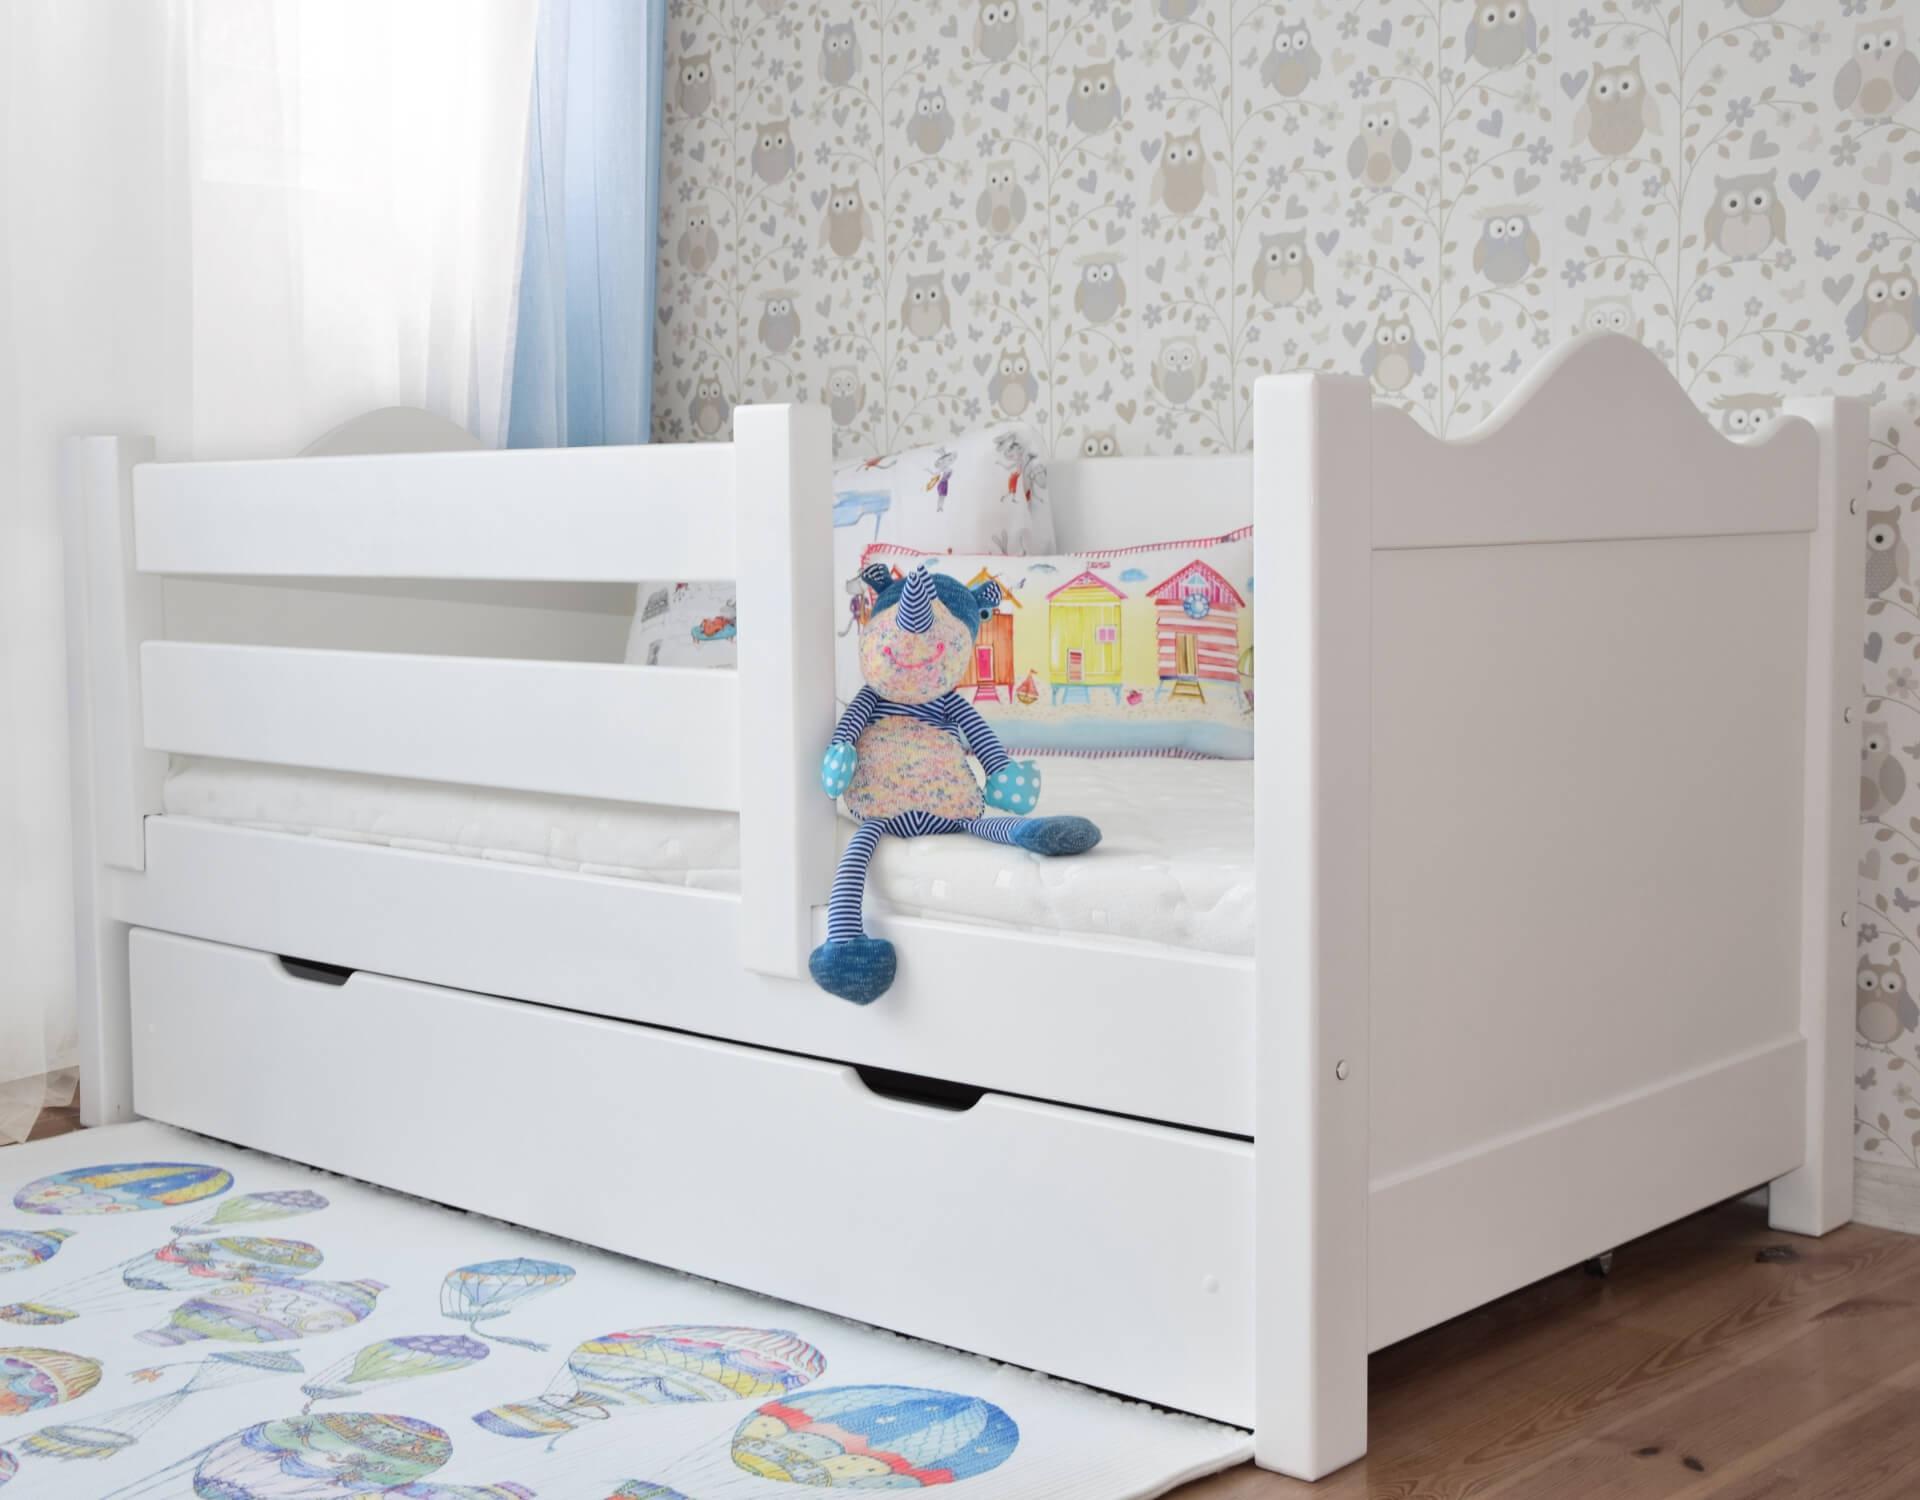 łóżko Dla Dzieci Basia Z Barierką I Szufladą Białe Wymiar łóżka Pod Materac 160 X 80